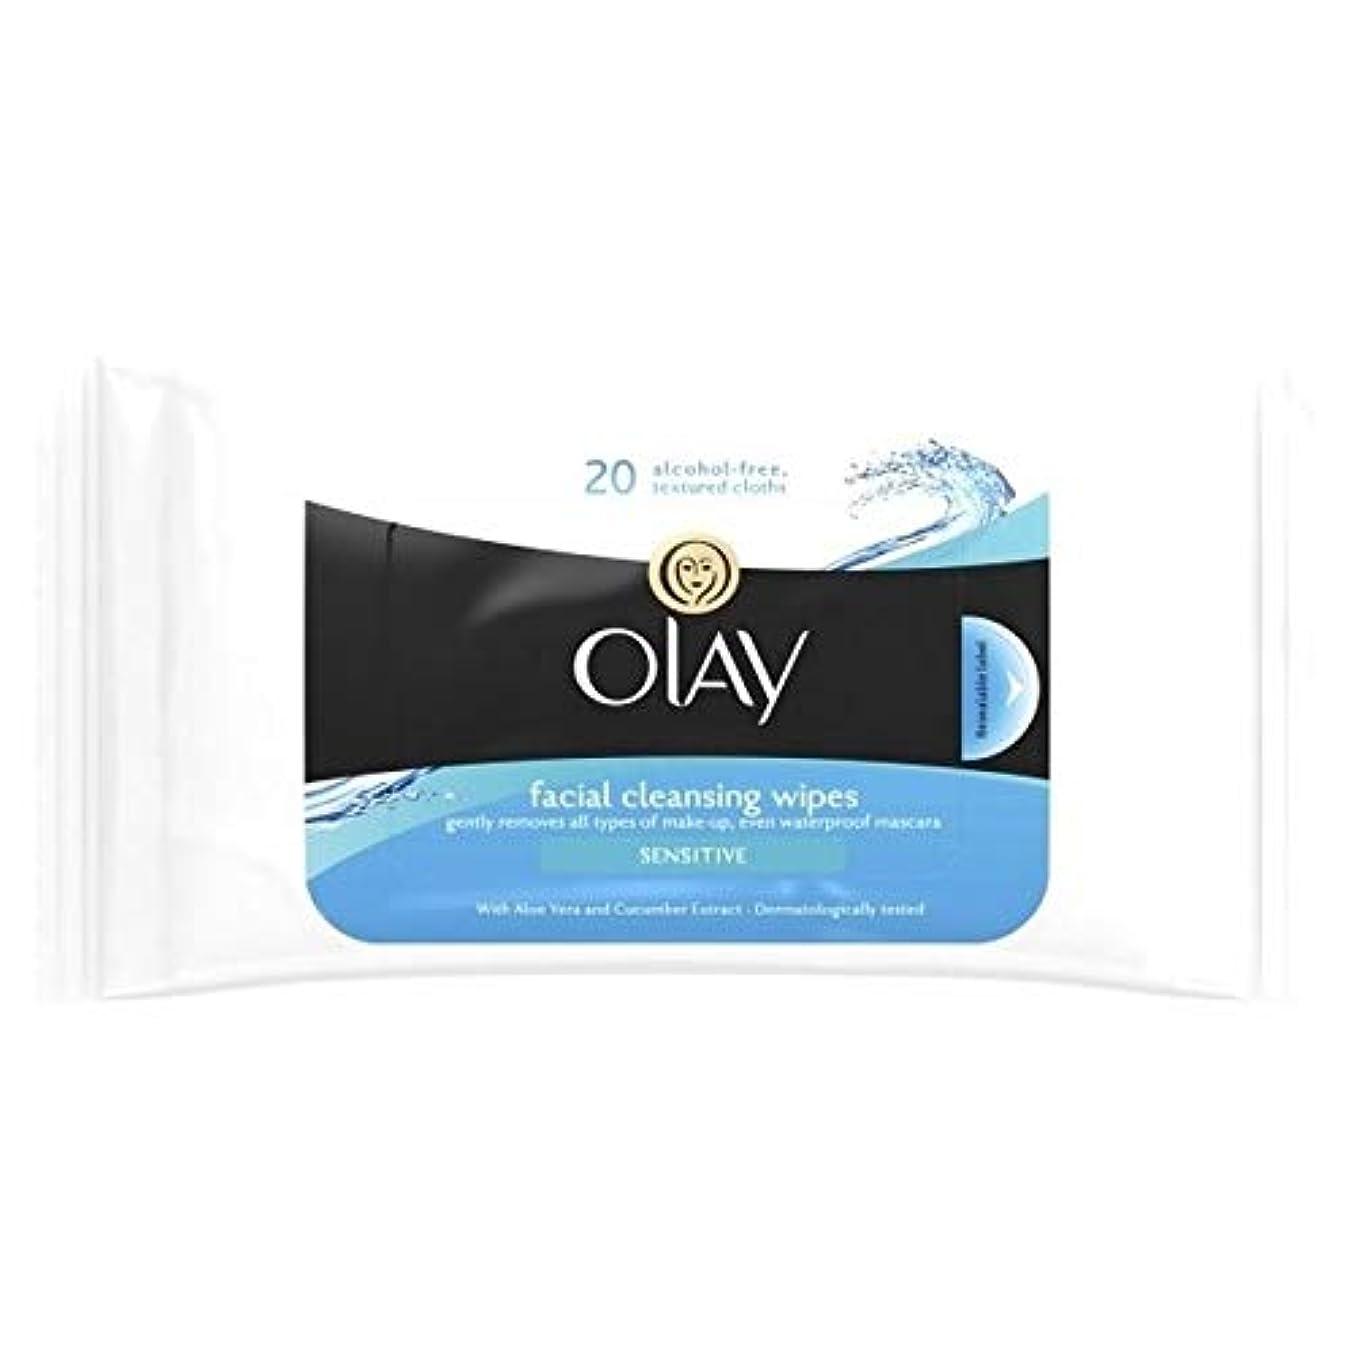 再生可能未亡人料理をする[Olay ] 顔面Reaseableクレンジングクロス敏感な20のワイプ - Facial Reaseable Cleansing Cloths Sensitive 20 Wipes [並行輸入品]